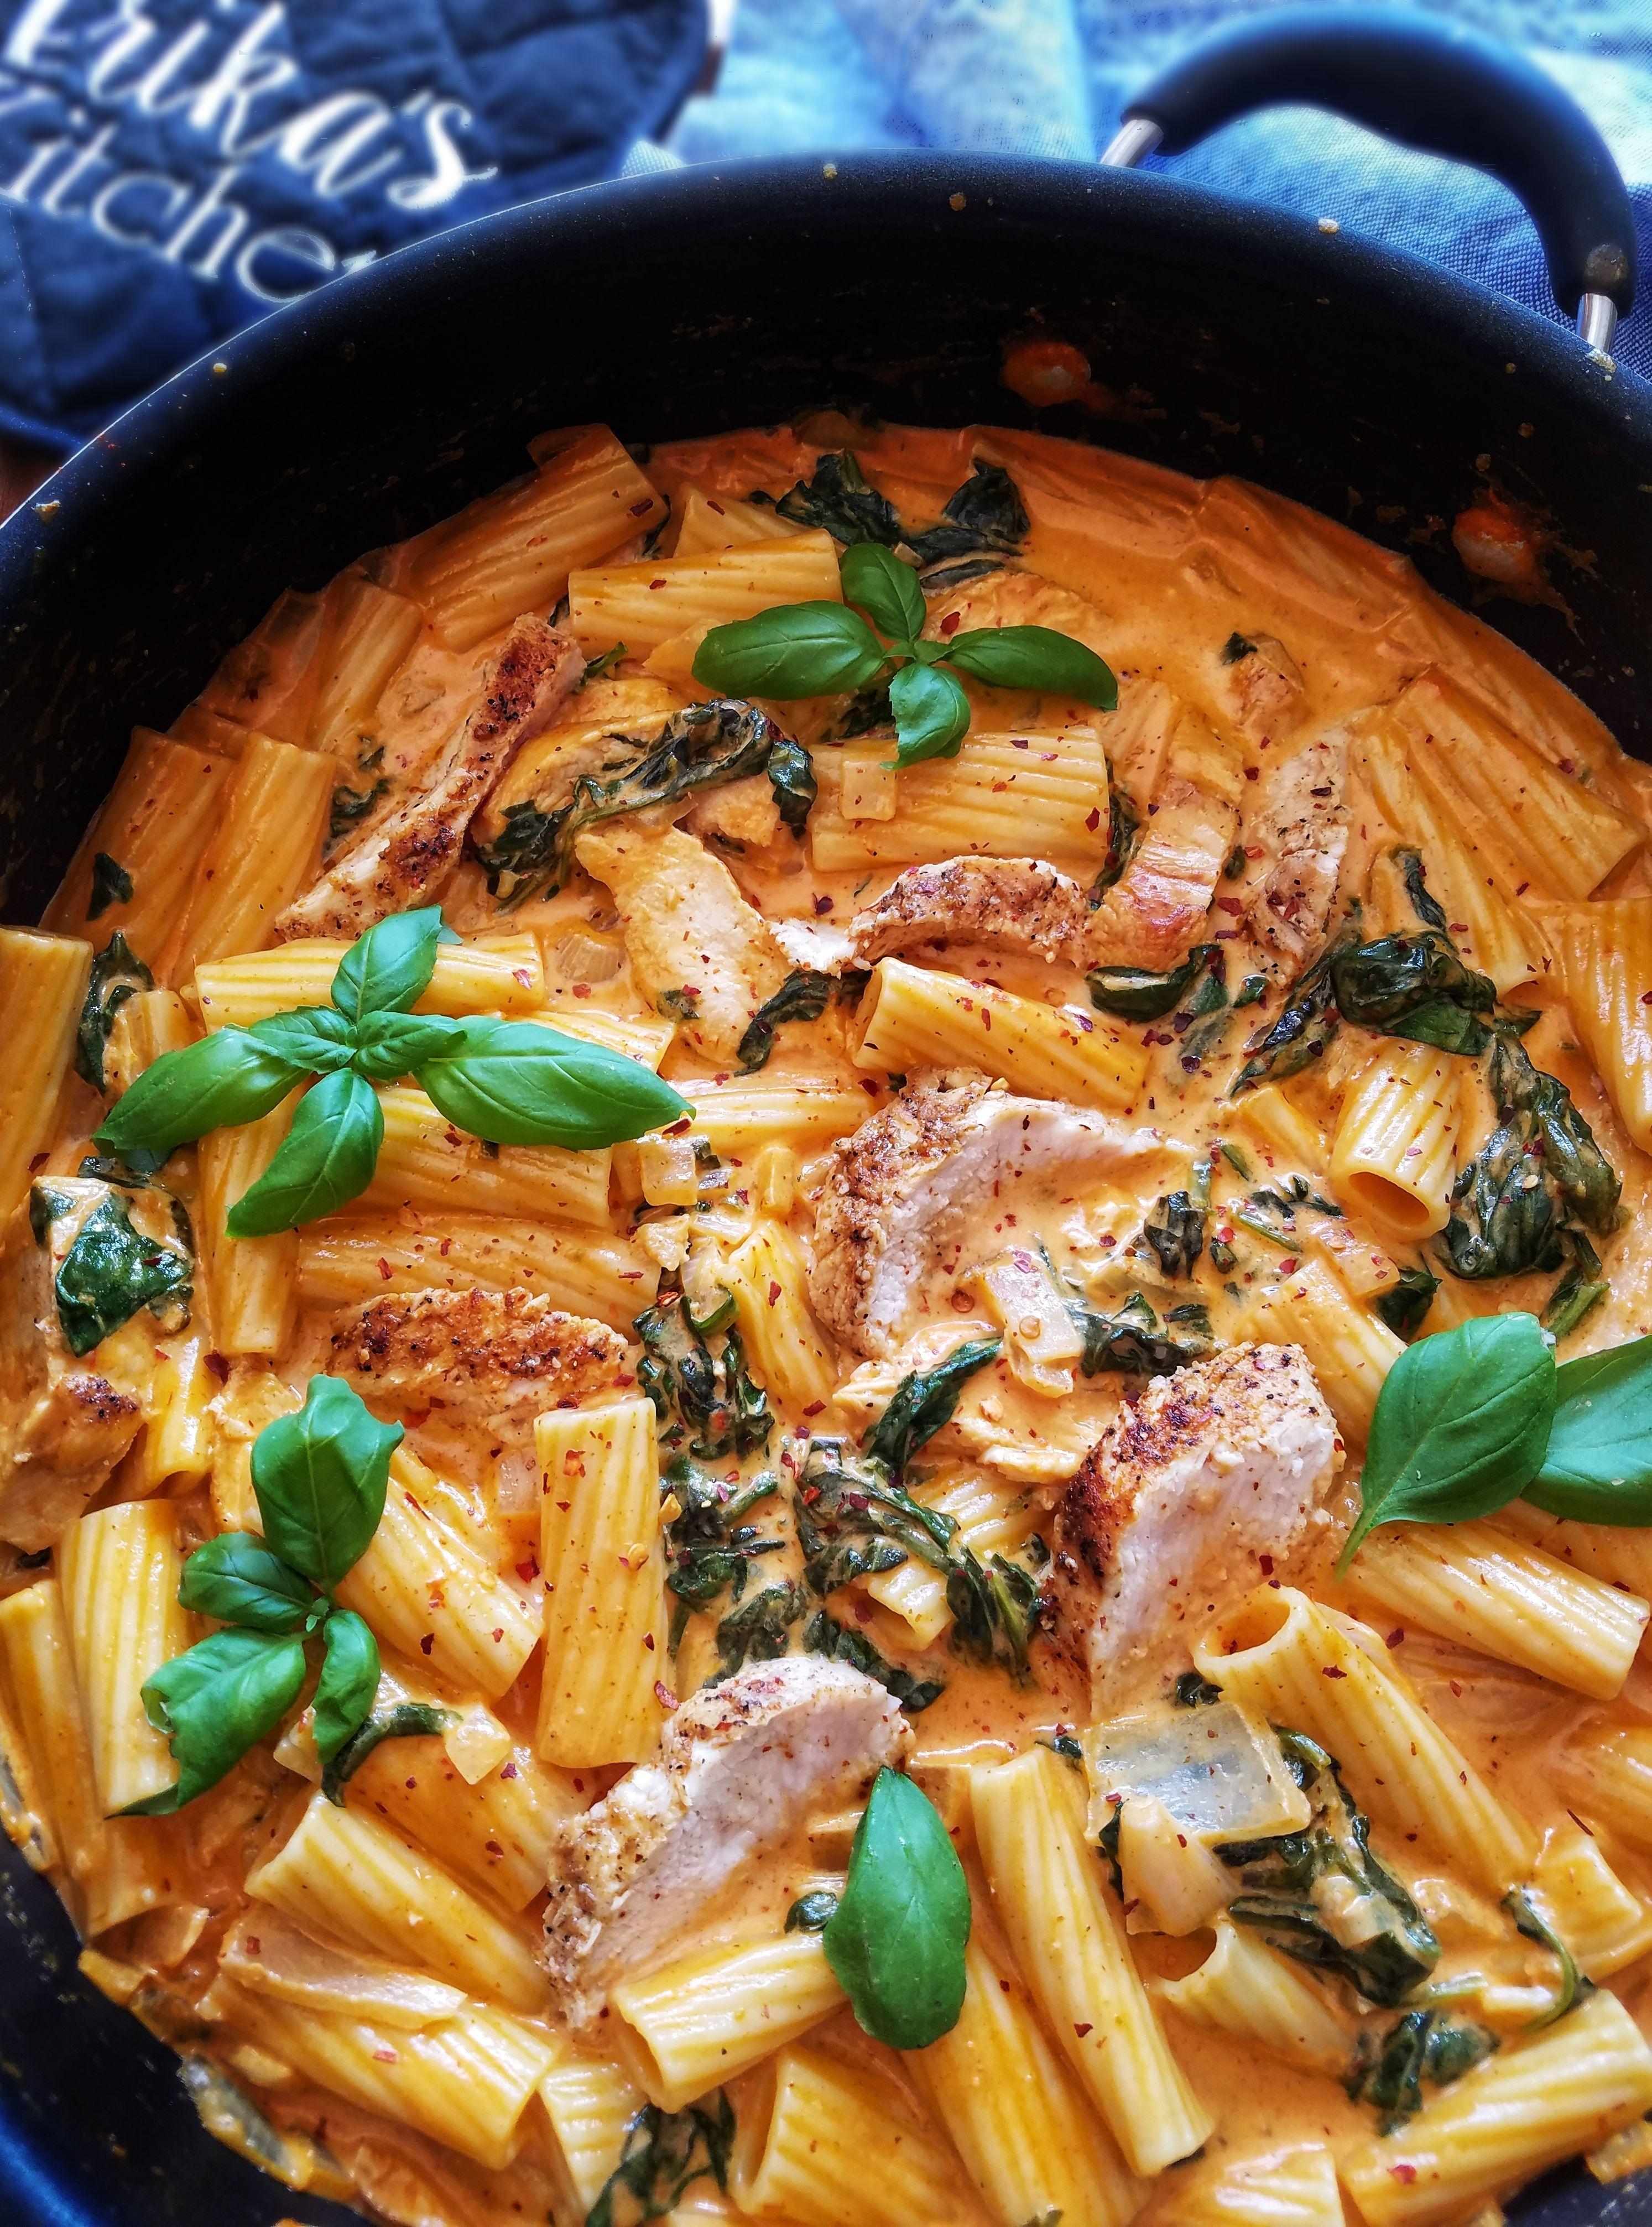 Rigatoni With Chicken In A Creamy Tomato Sauce Recipe By Erika The Feedfeed Recipe In 2020 Tomato Cream Pasta Creamy Tomato Sauce Tomato Cream Sauce Pasta